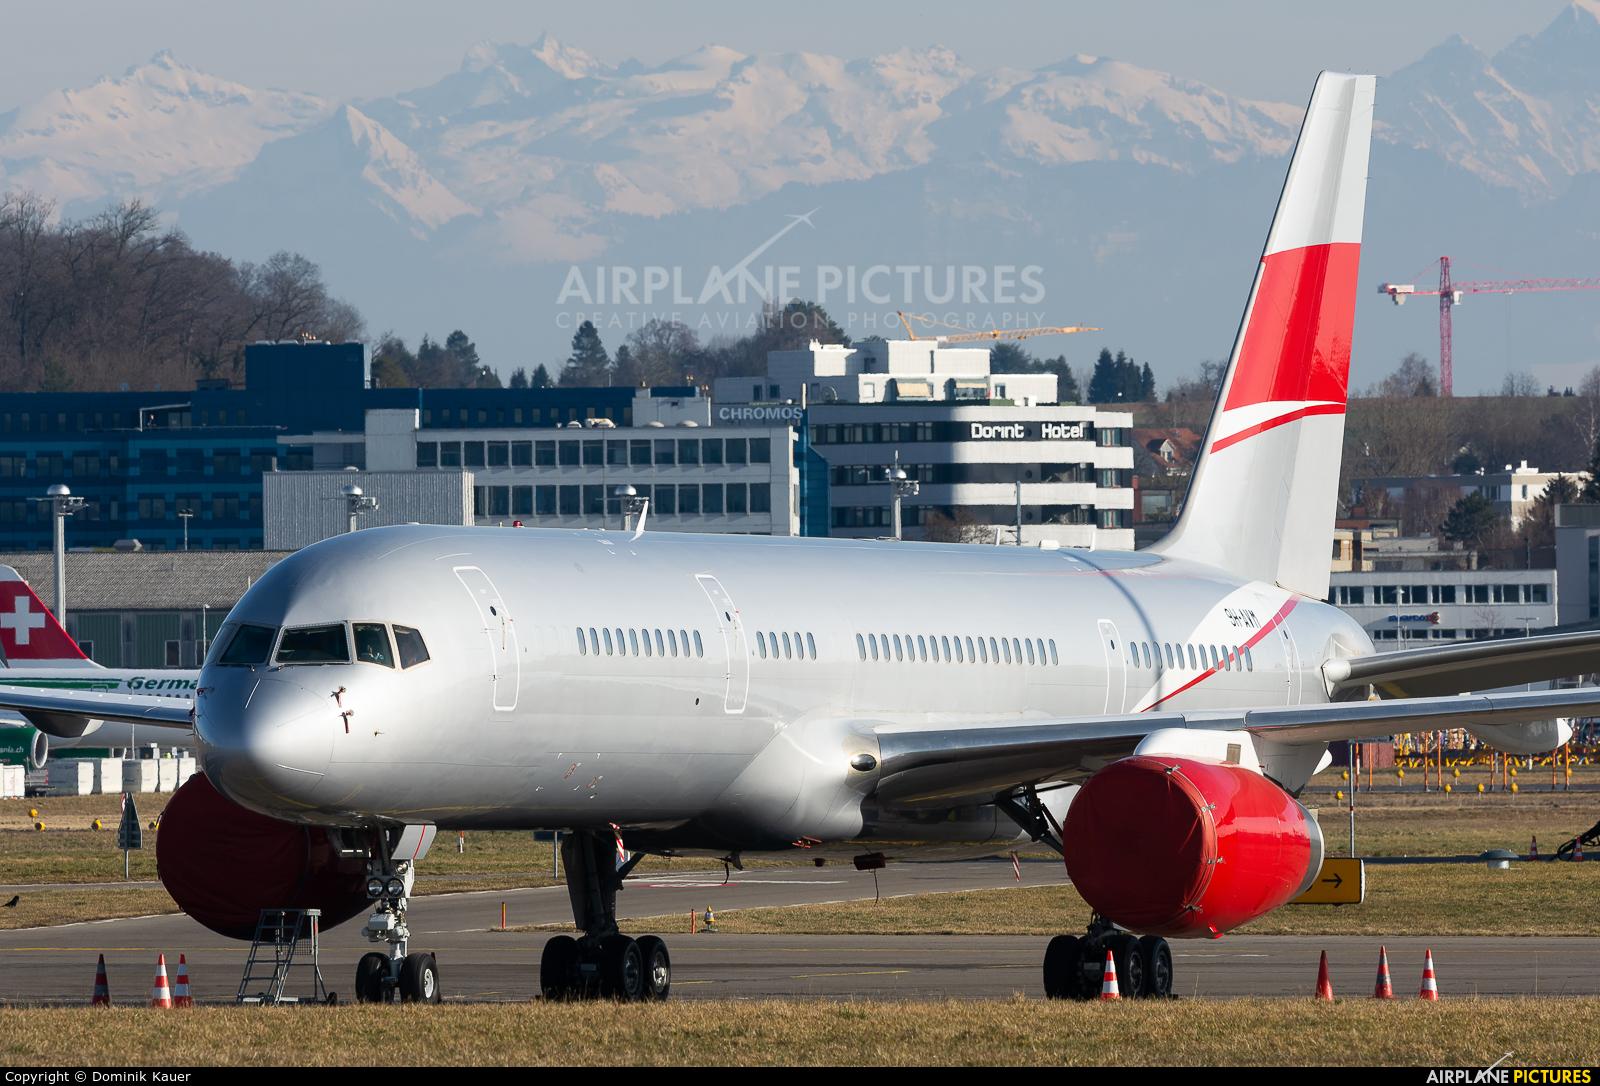 JetMagic 9H-AVM aircraft at Zurich